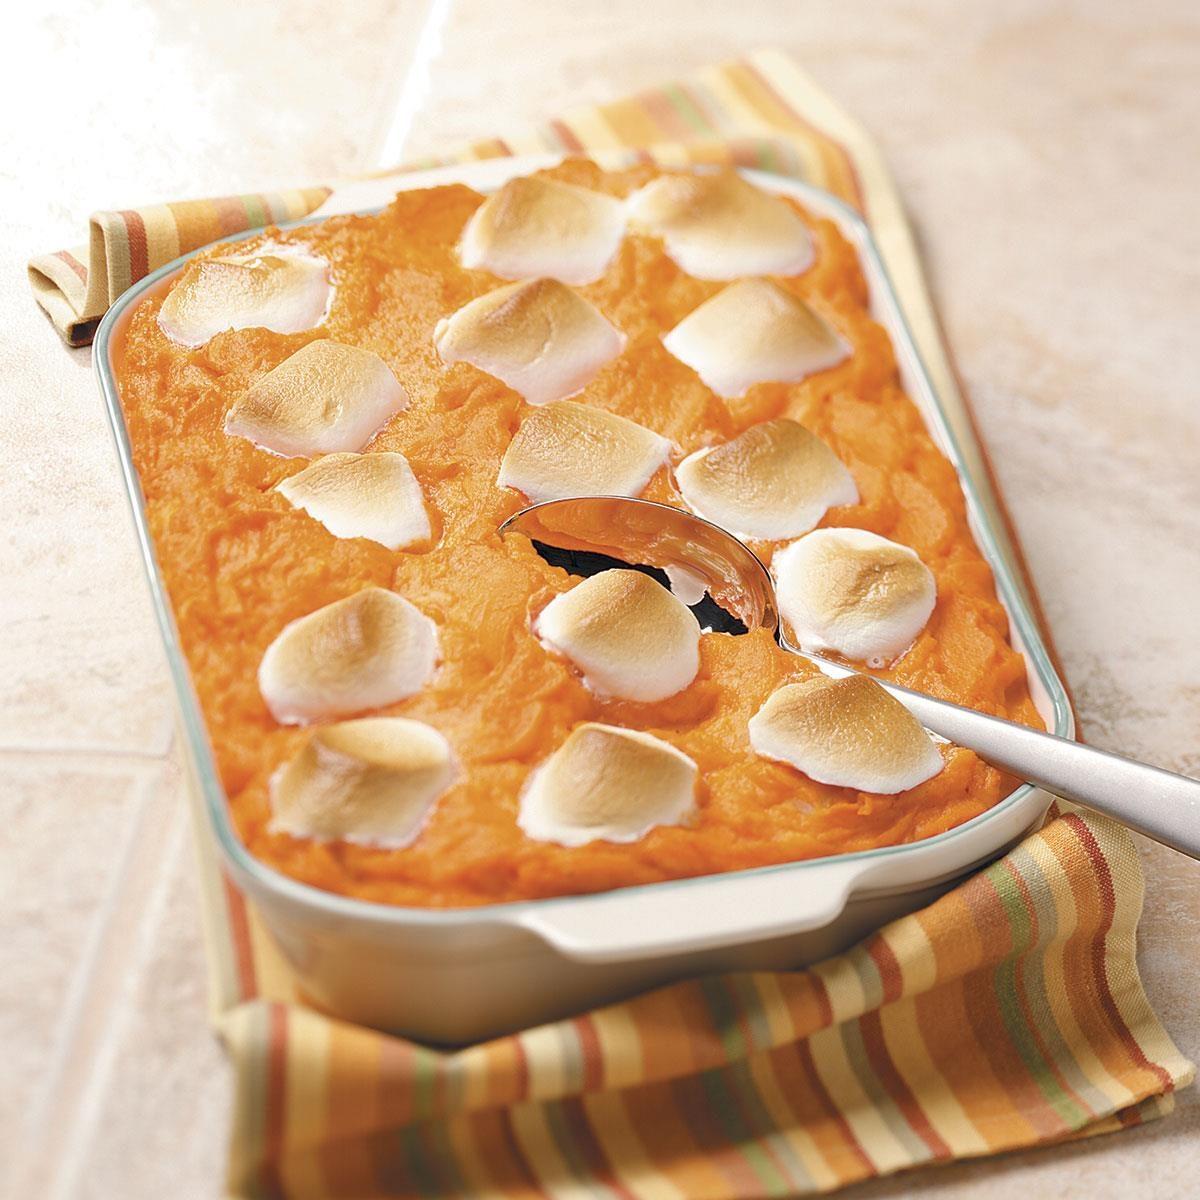 Pineapple Sweet Potato Casserole With Marshmallows Recipe Taste Of